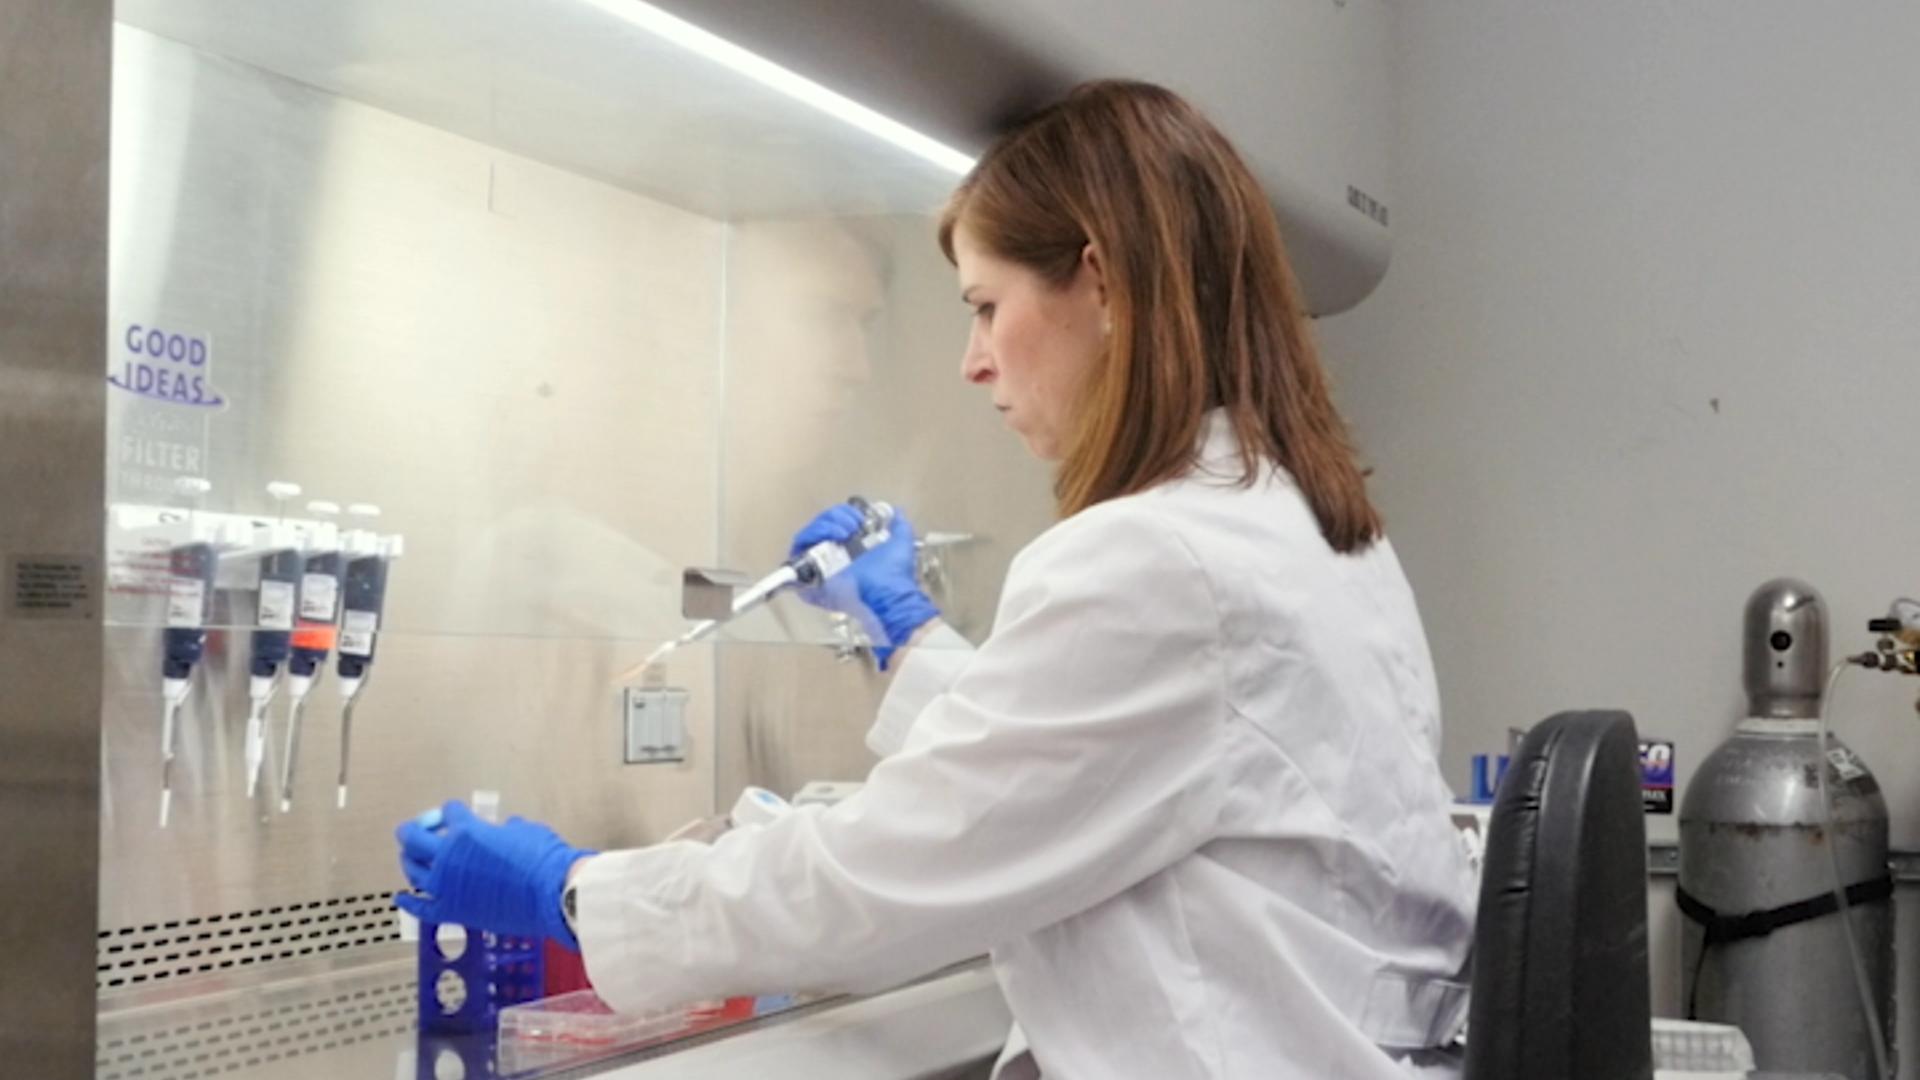 技术诱导和量化细胞衰老